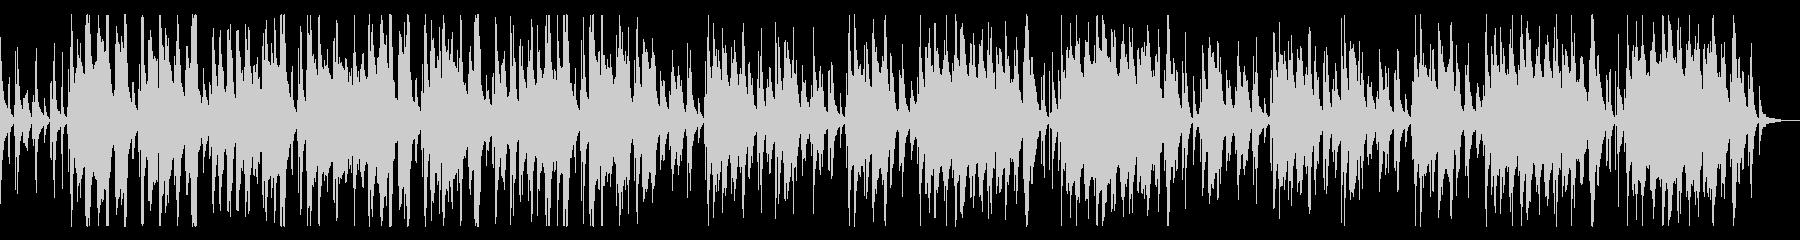 篠笛の明るい和風BGMの未再生の波形